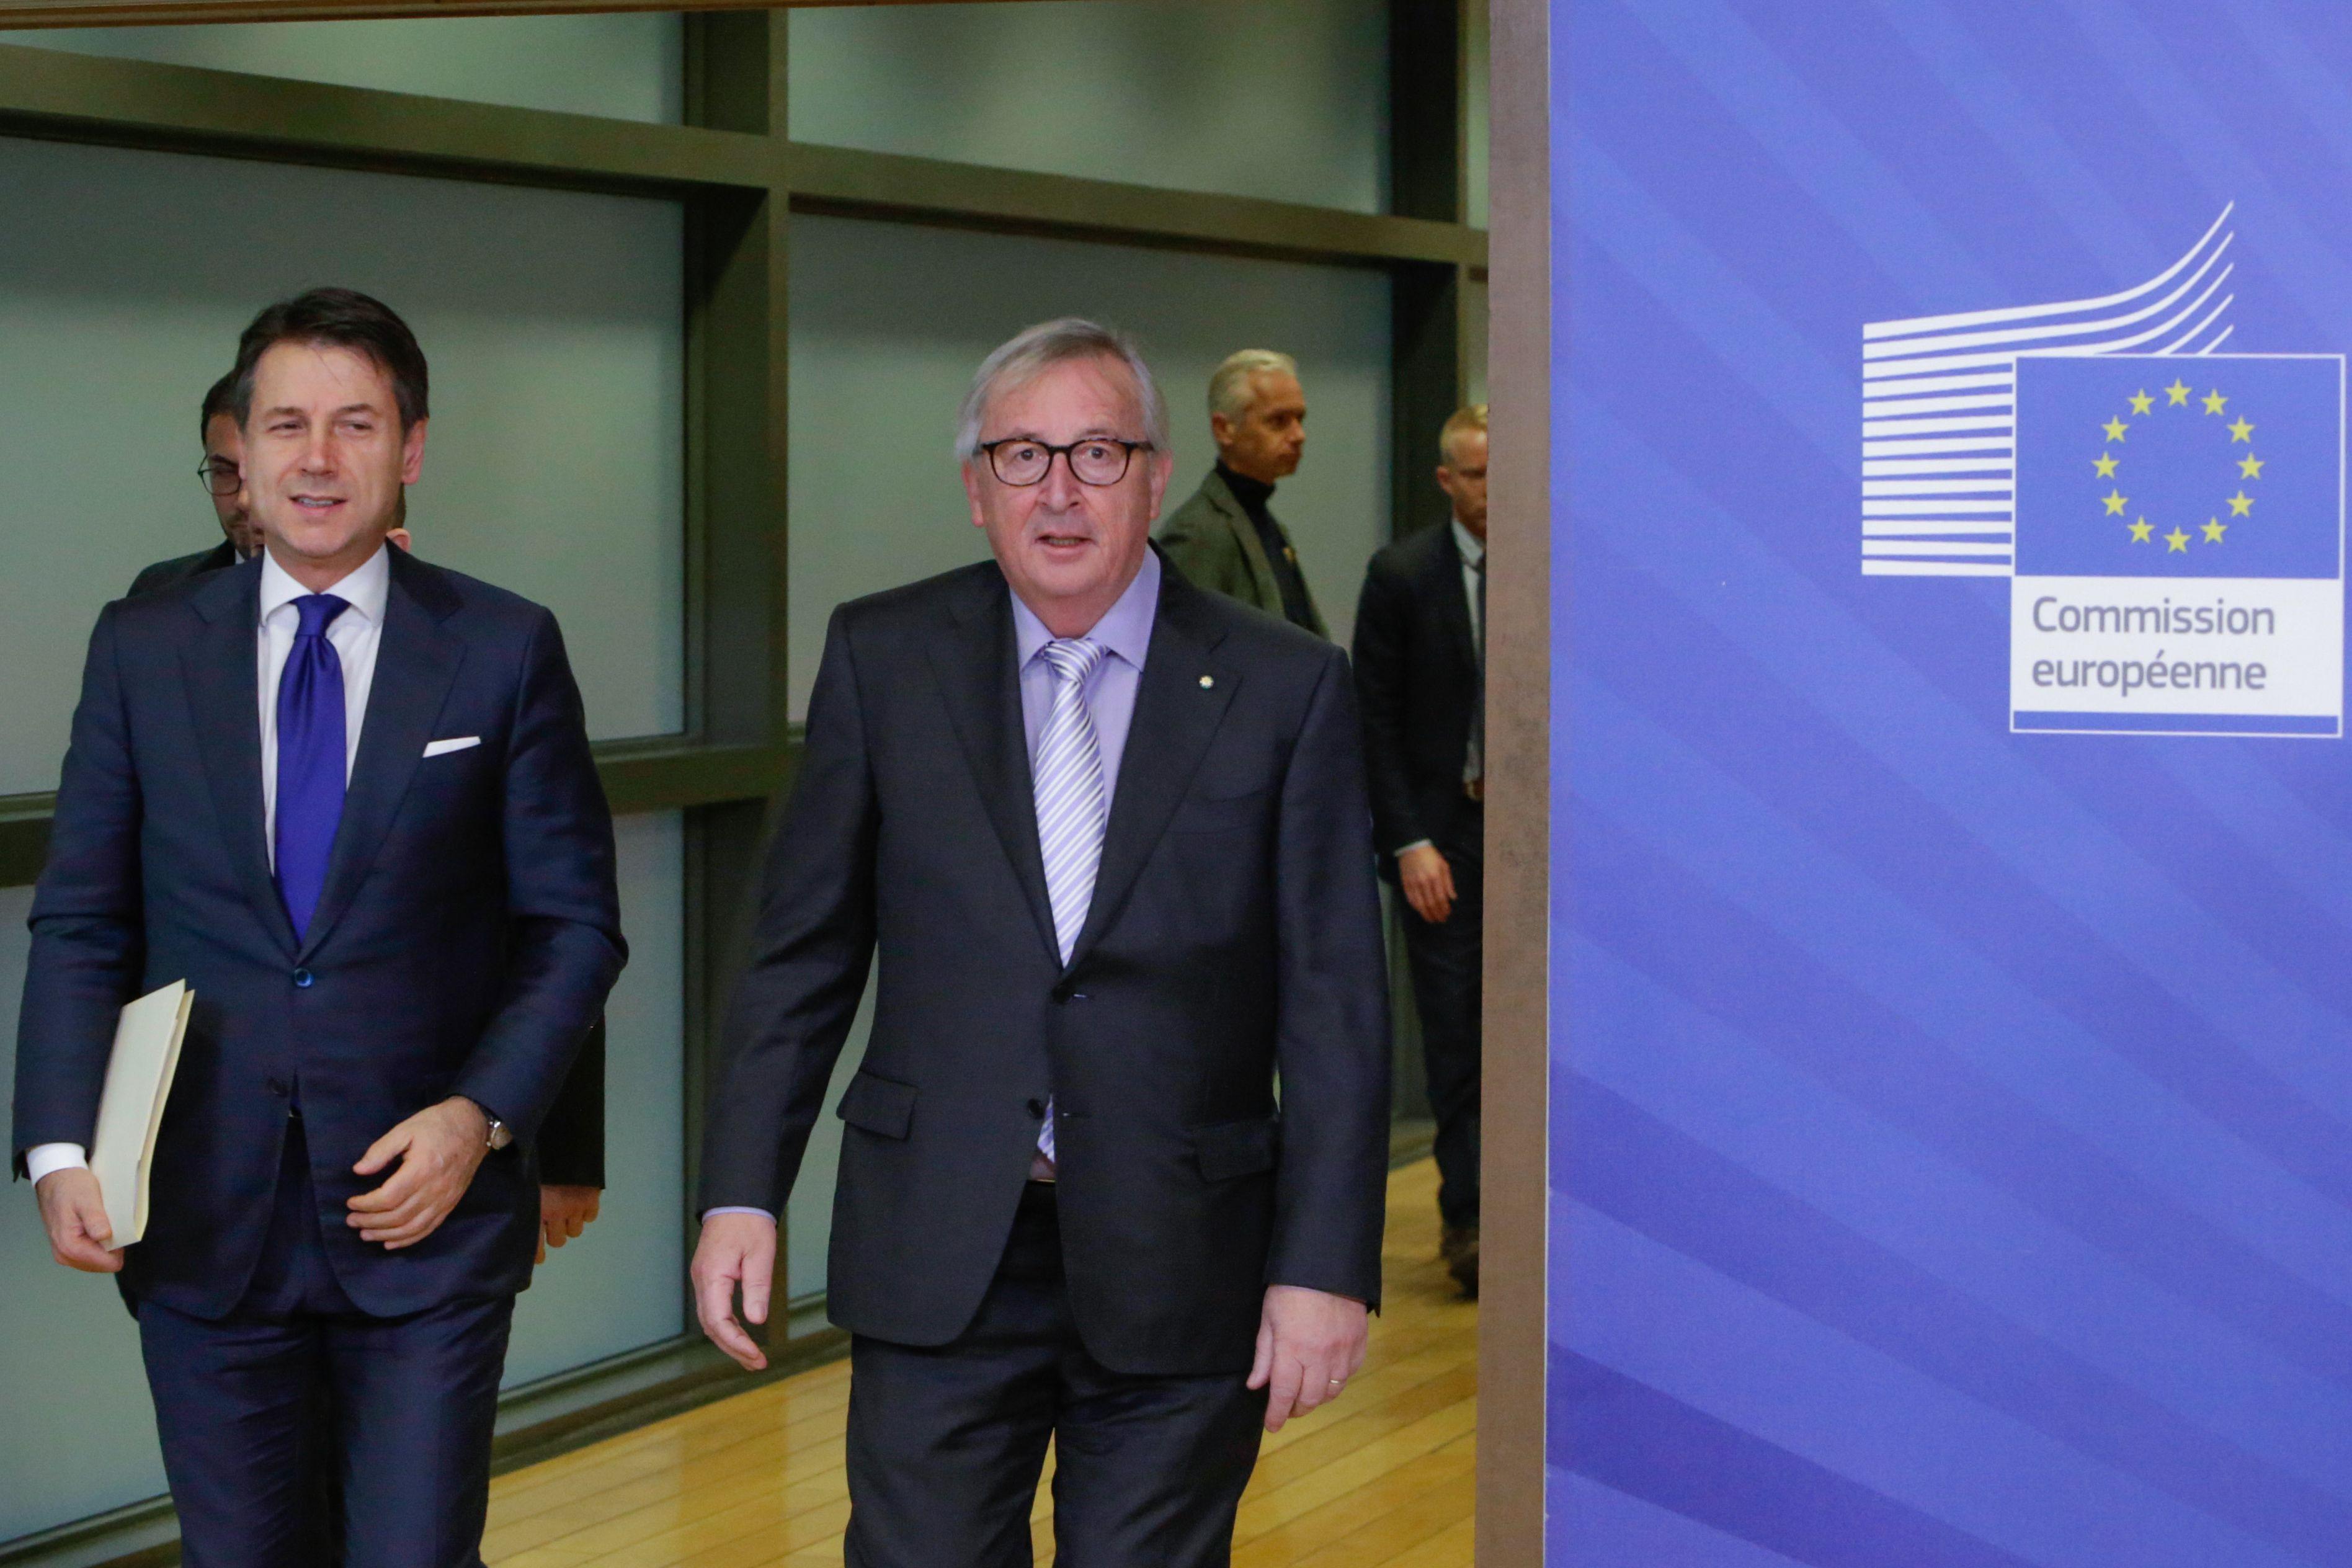 BRUXELLES STUDIA LE CARTE - La Commissione vuole vederci chiaro, primo giudizio positivo. Per evitare la procedura vanno conv...